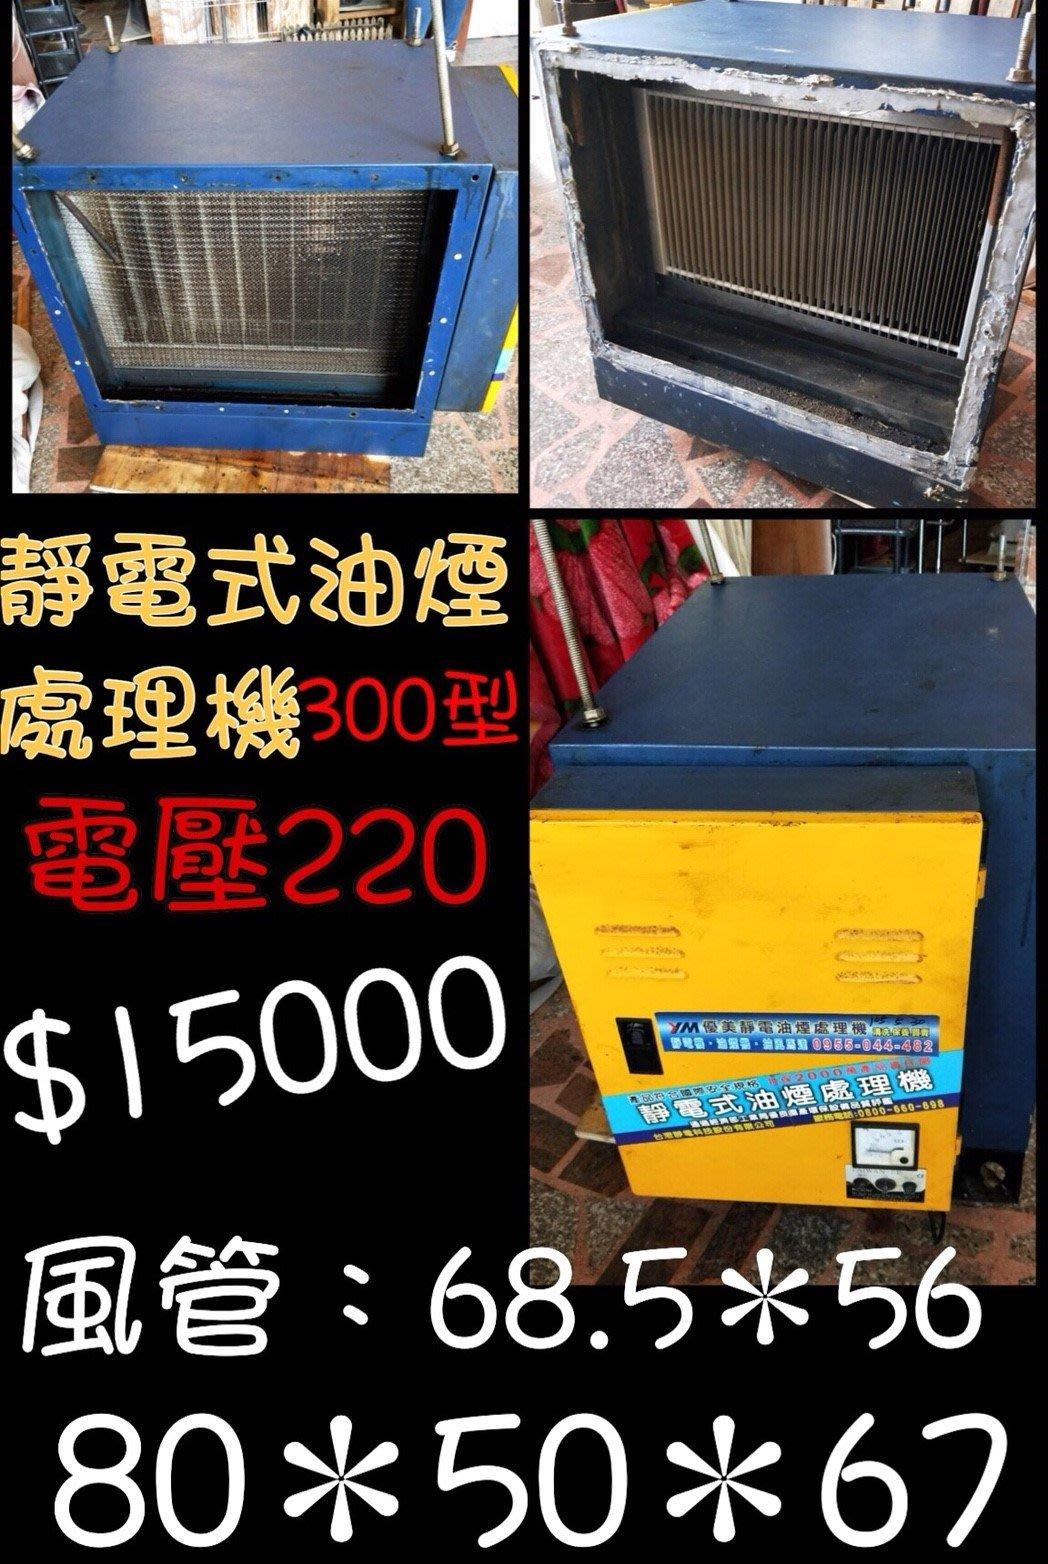 桃園二手家具-二手靜電機 2000型 靜電式油煙處理機、廚房設備豆花攤車、紅豆餅攤車、西餐爐 廢棄物處理 清運營業